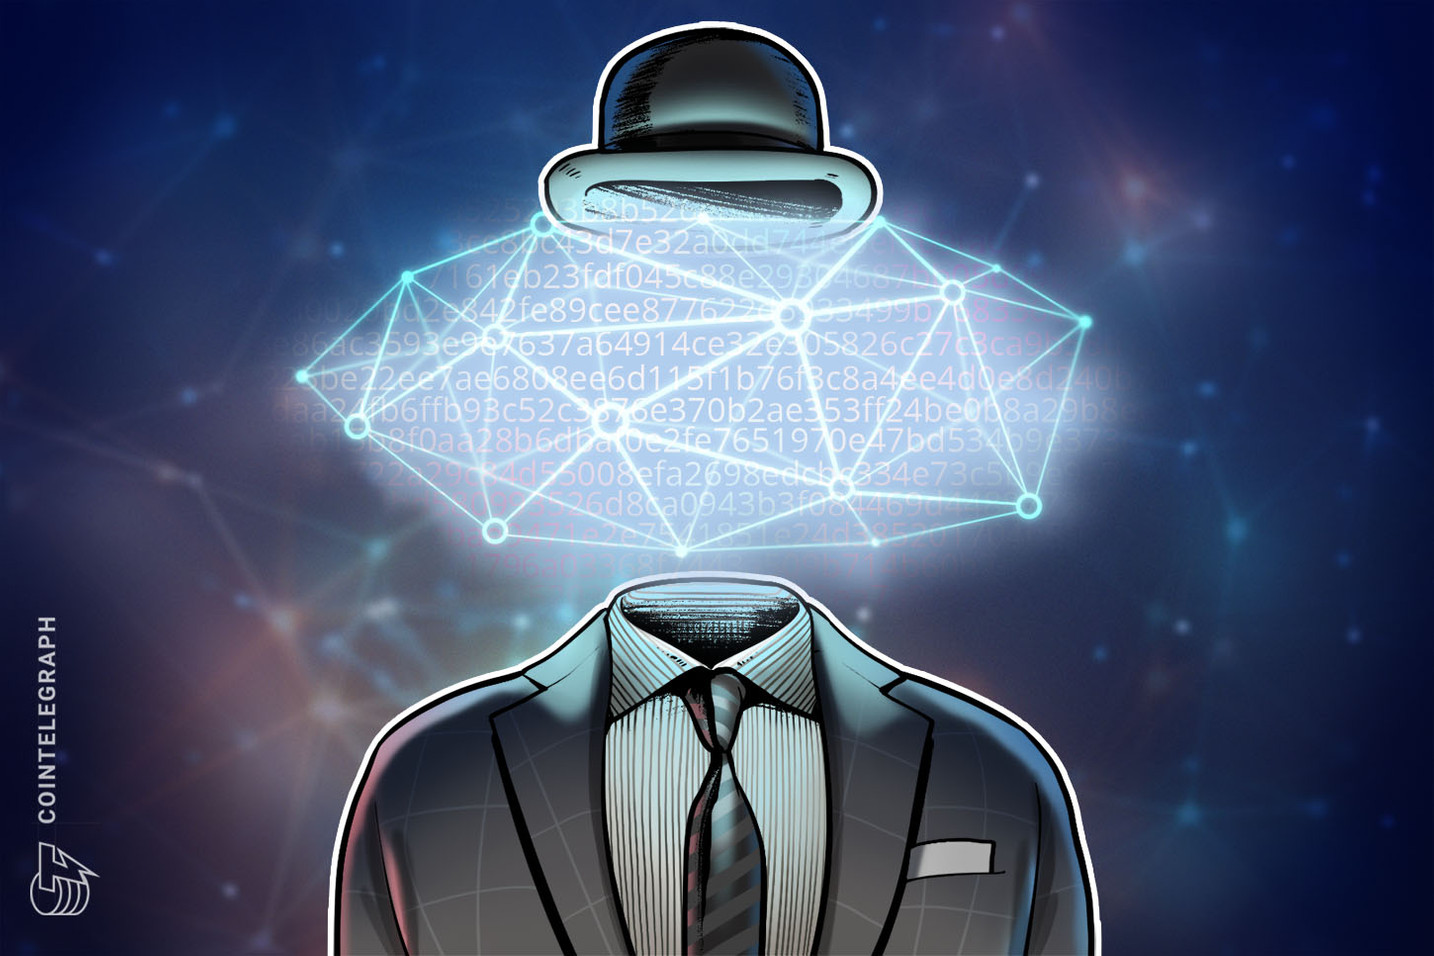 5兆ドル規模のFX決済大手CLS、ブロックチェーンベースのネッティングサービスをリリースへ